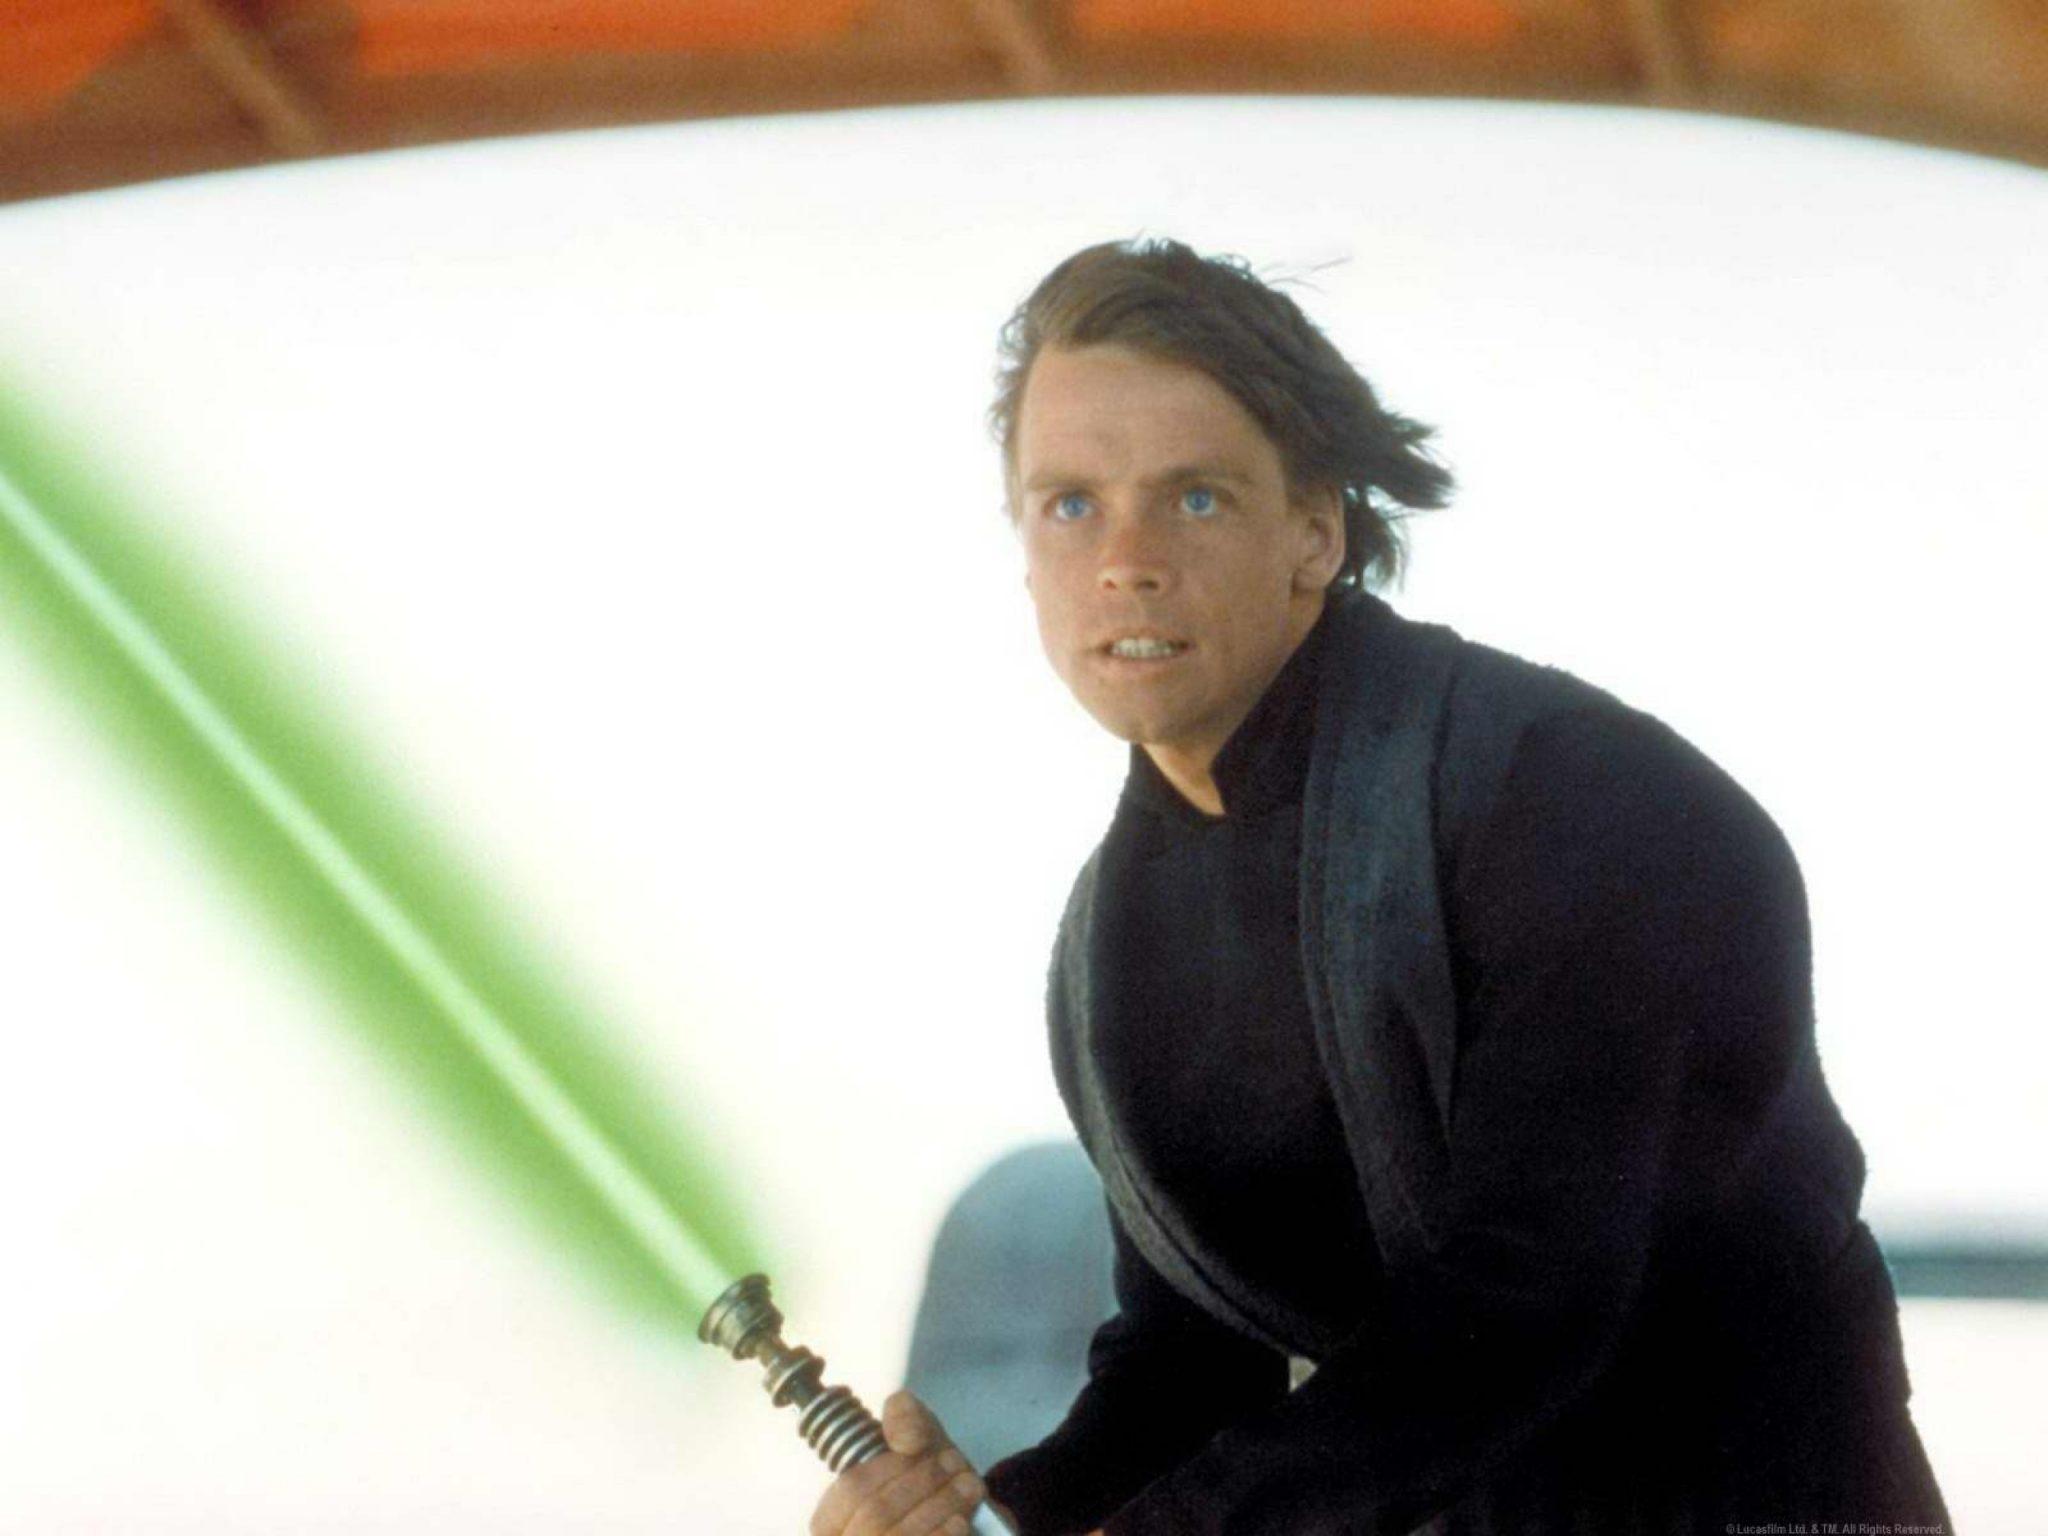 Luke's lightsaber is in The Force Awakens trailer